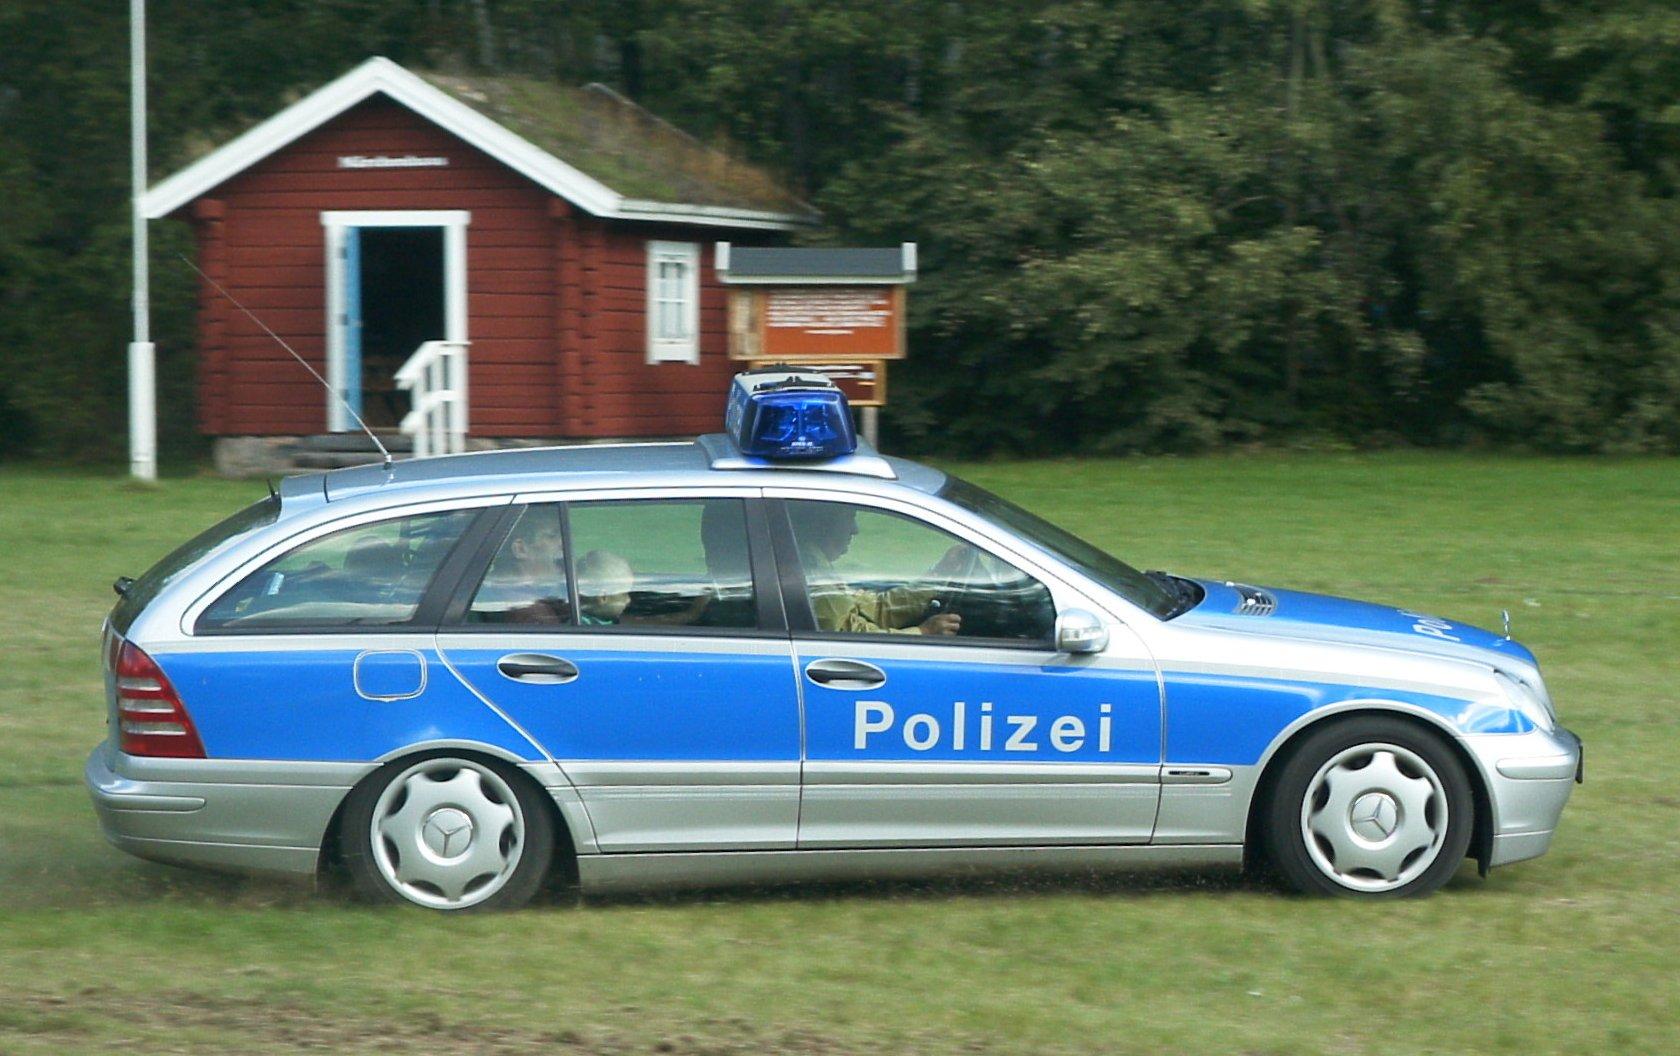 Polizei Brandenburg - Wikiwand